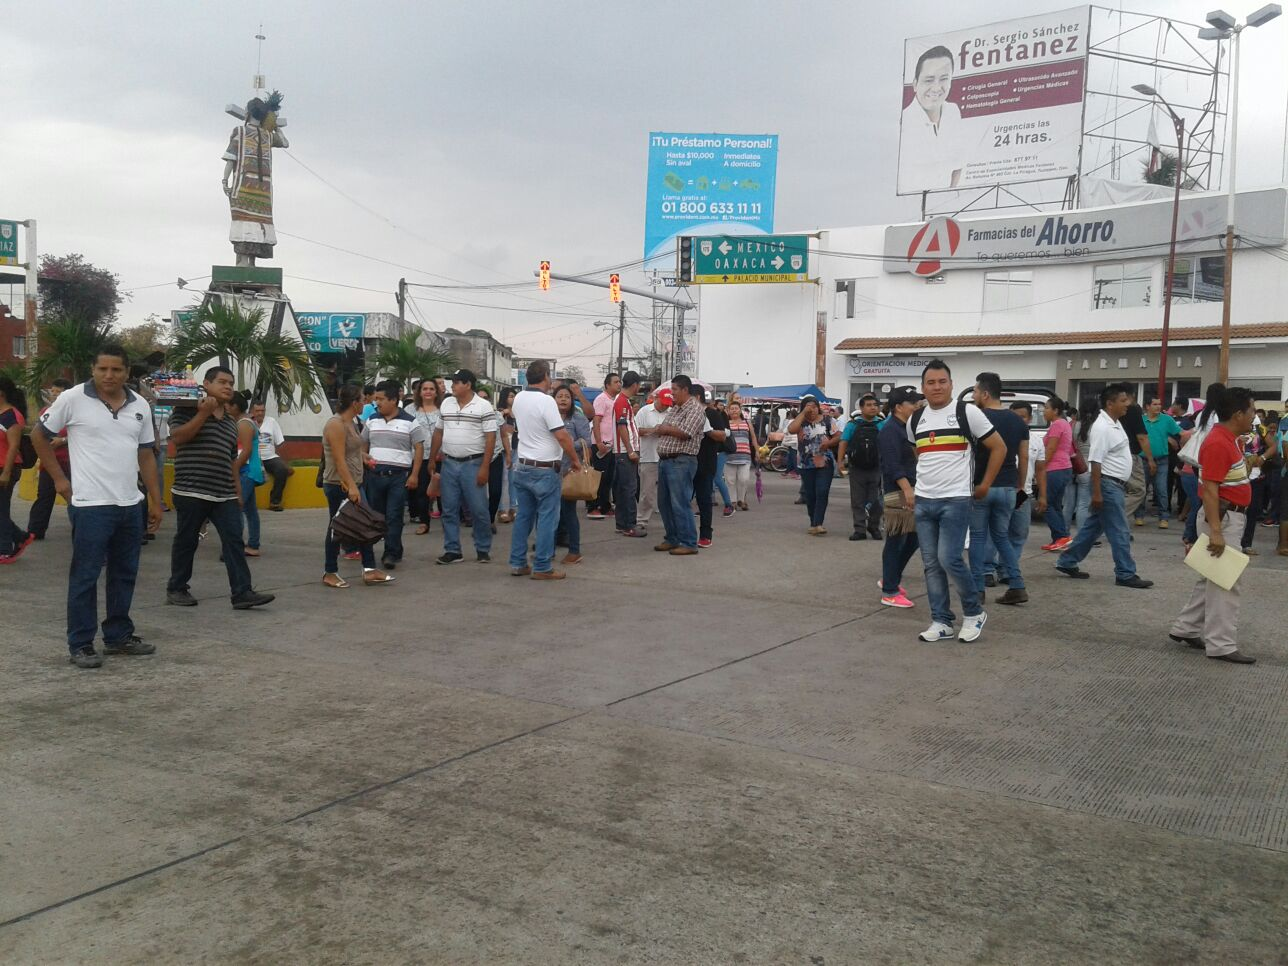 No al aumento del transporte publico, exigen en Tuxtepec   El Imparcial de Oaxaca